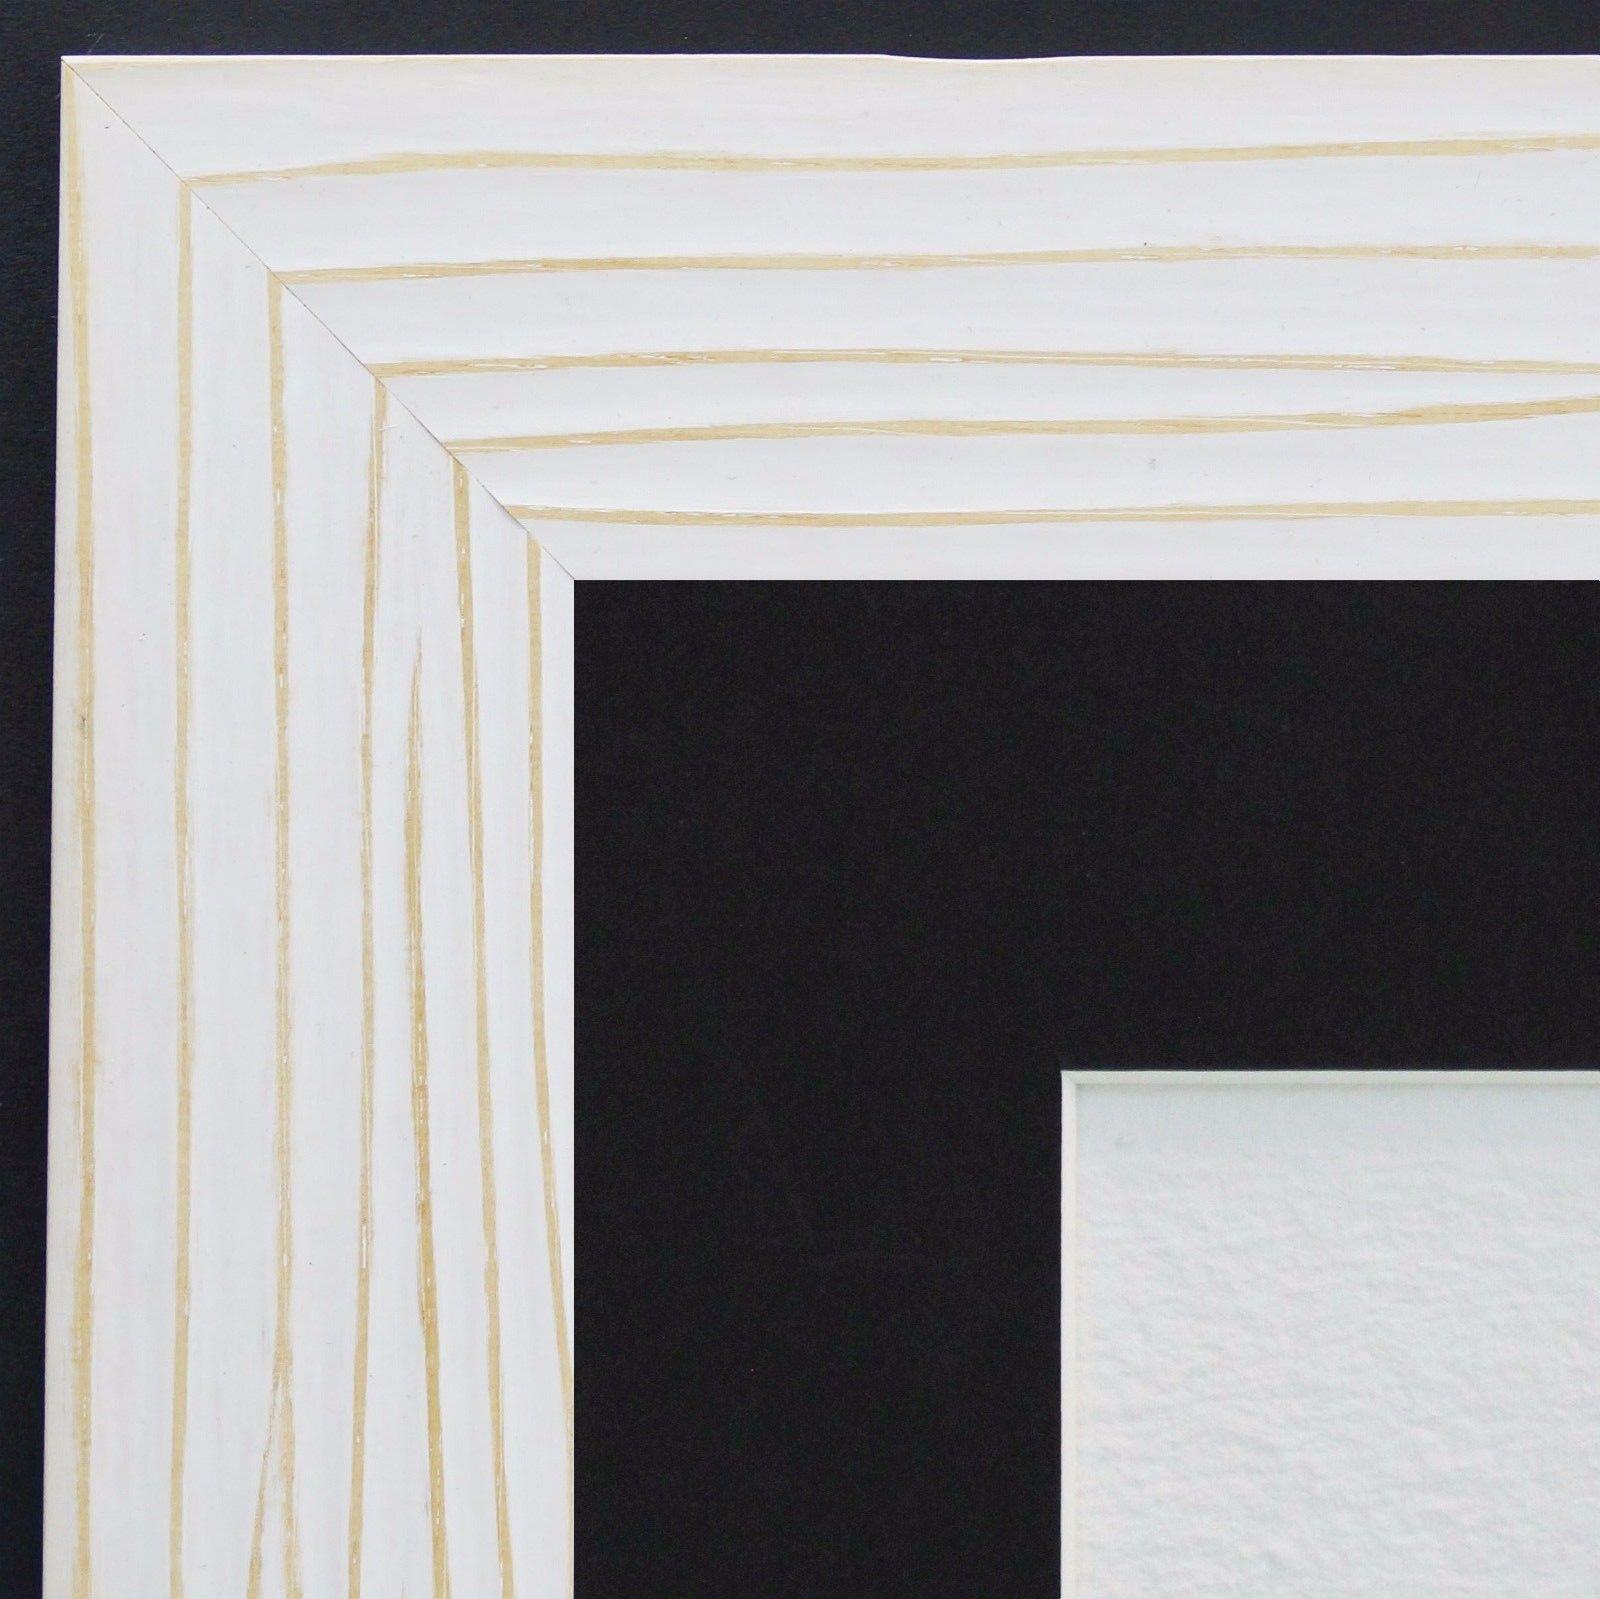 Gemütlich Weiß 12x12 Rahmen Zeitgenössisch - Benutzerdefinierte ...